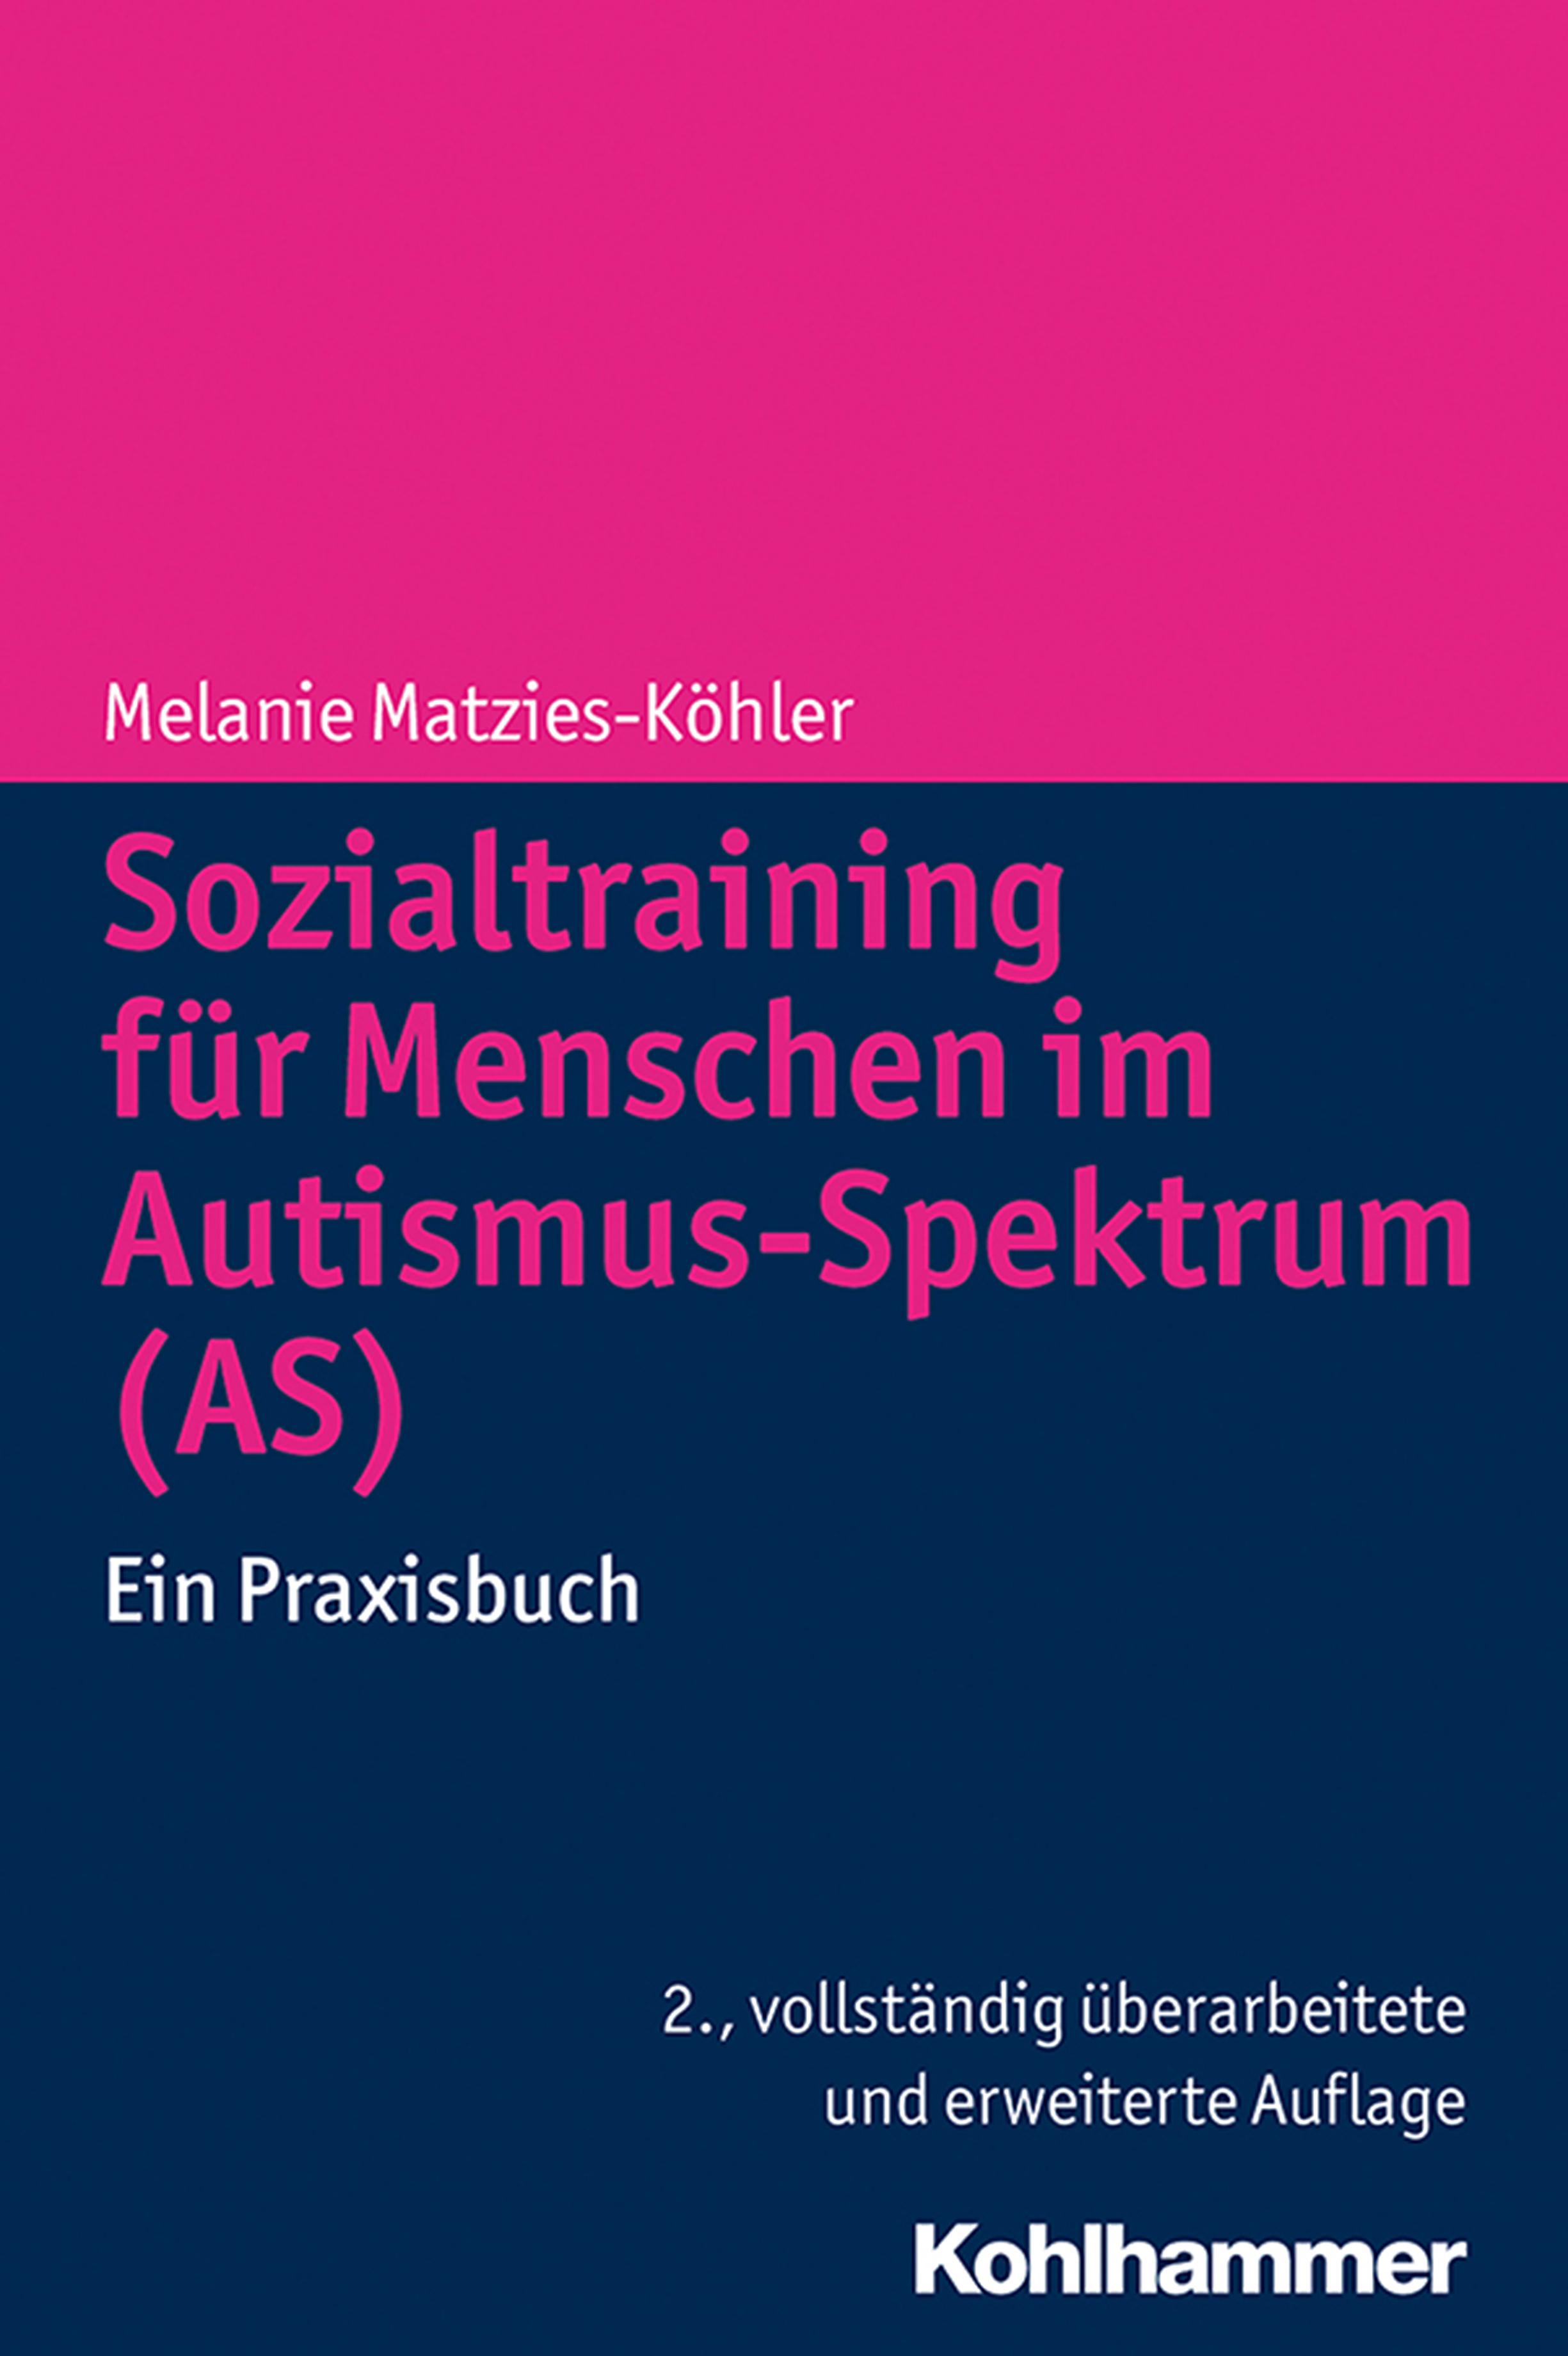 Melanie Matzies-Kohler Sozialtraining für Menschen im Autismus-Spektrum (AS) william howes geheime krafte im menschen